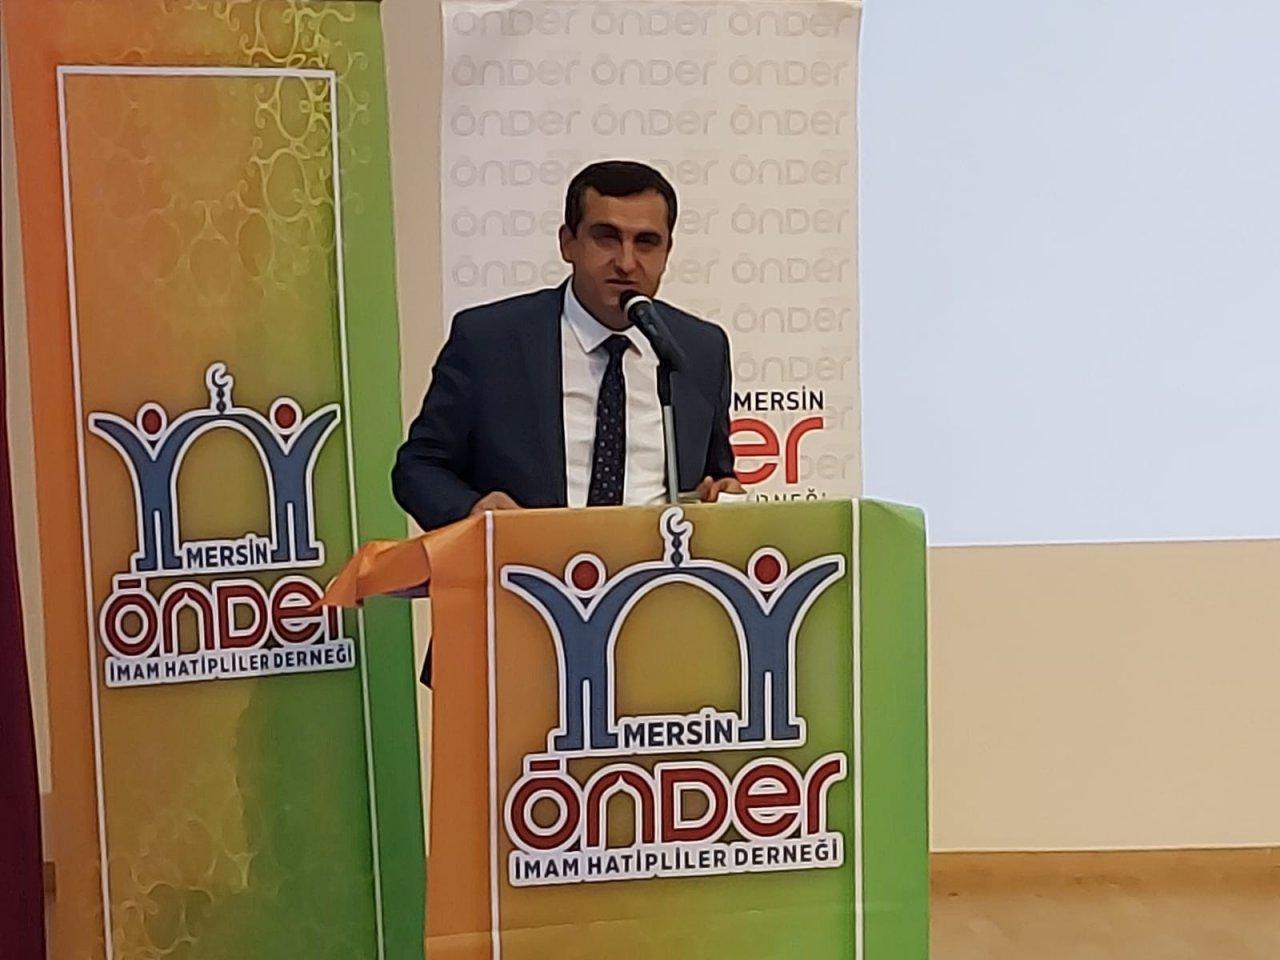 Mersin Önder İ̇mam Hatipliler Derneğinde Yeni Başkan Yıldızbakan